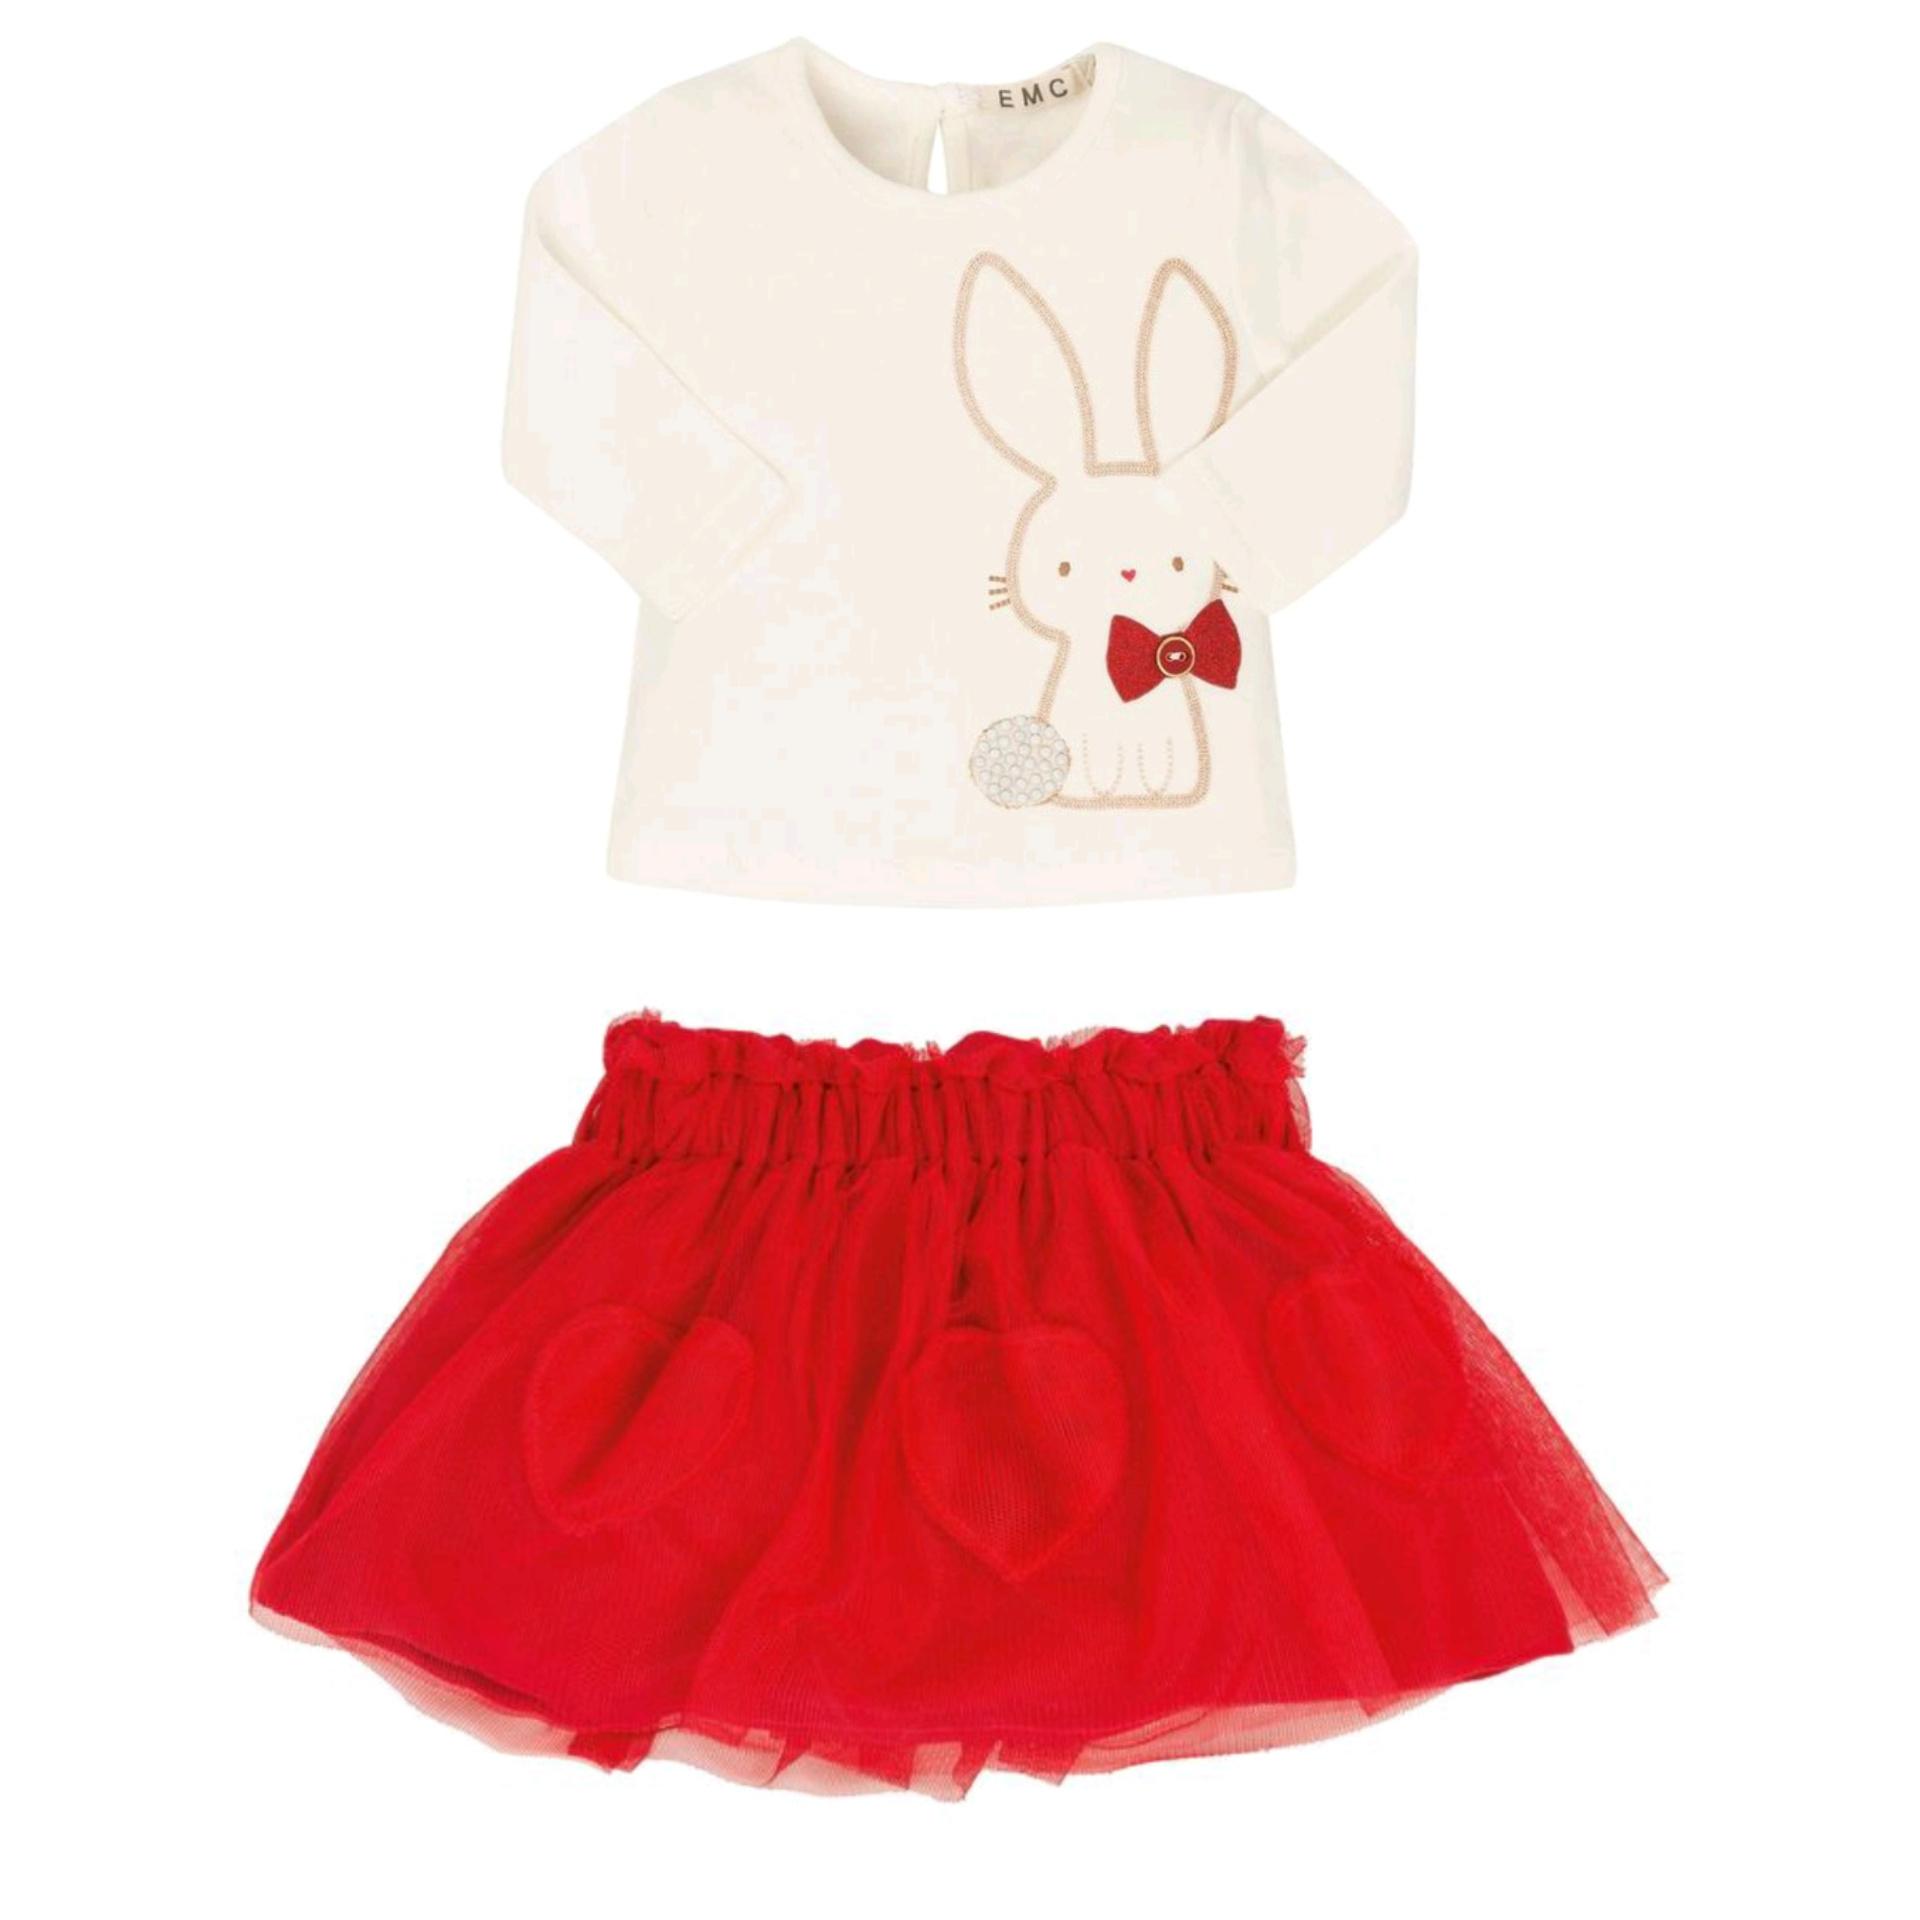 EMC EMC Girls Red Tulle Skirt Set